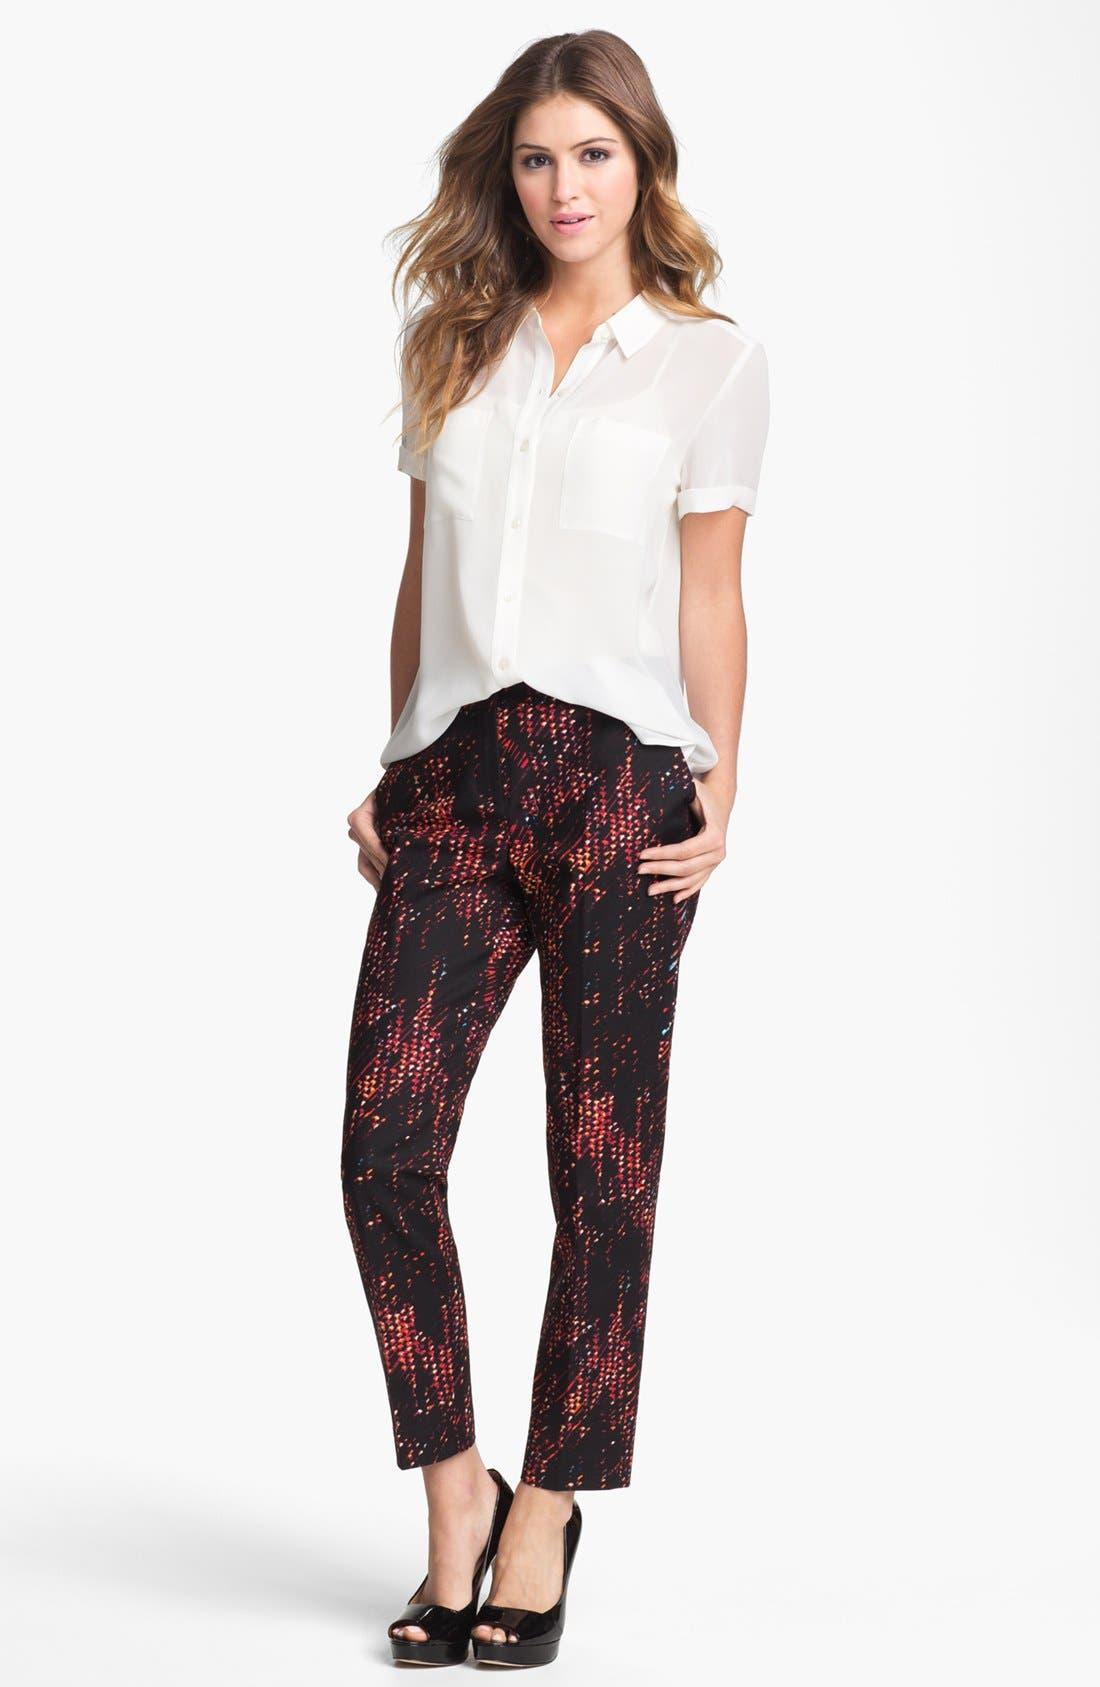 Alternate Image 1 Selected - Halogen 'Taylor' Patterned Skinny Ankle Pants